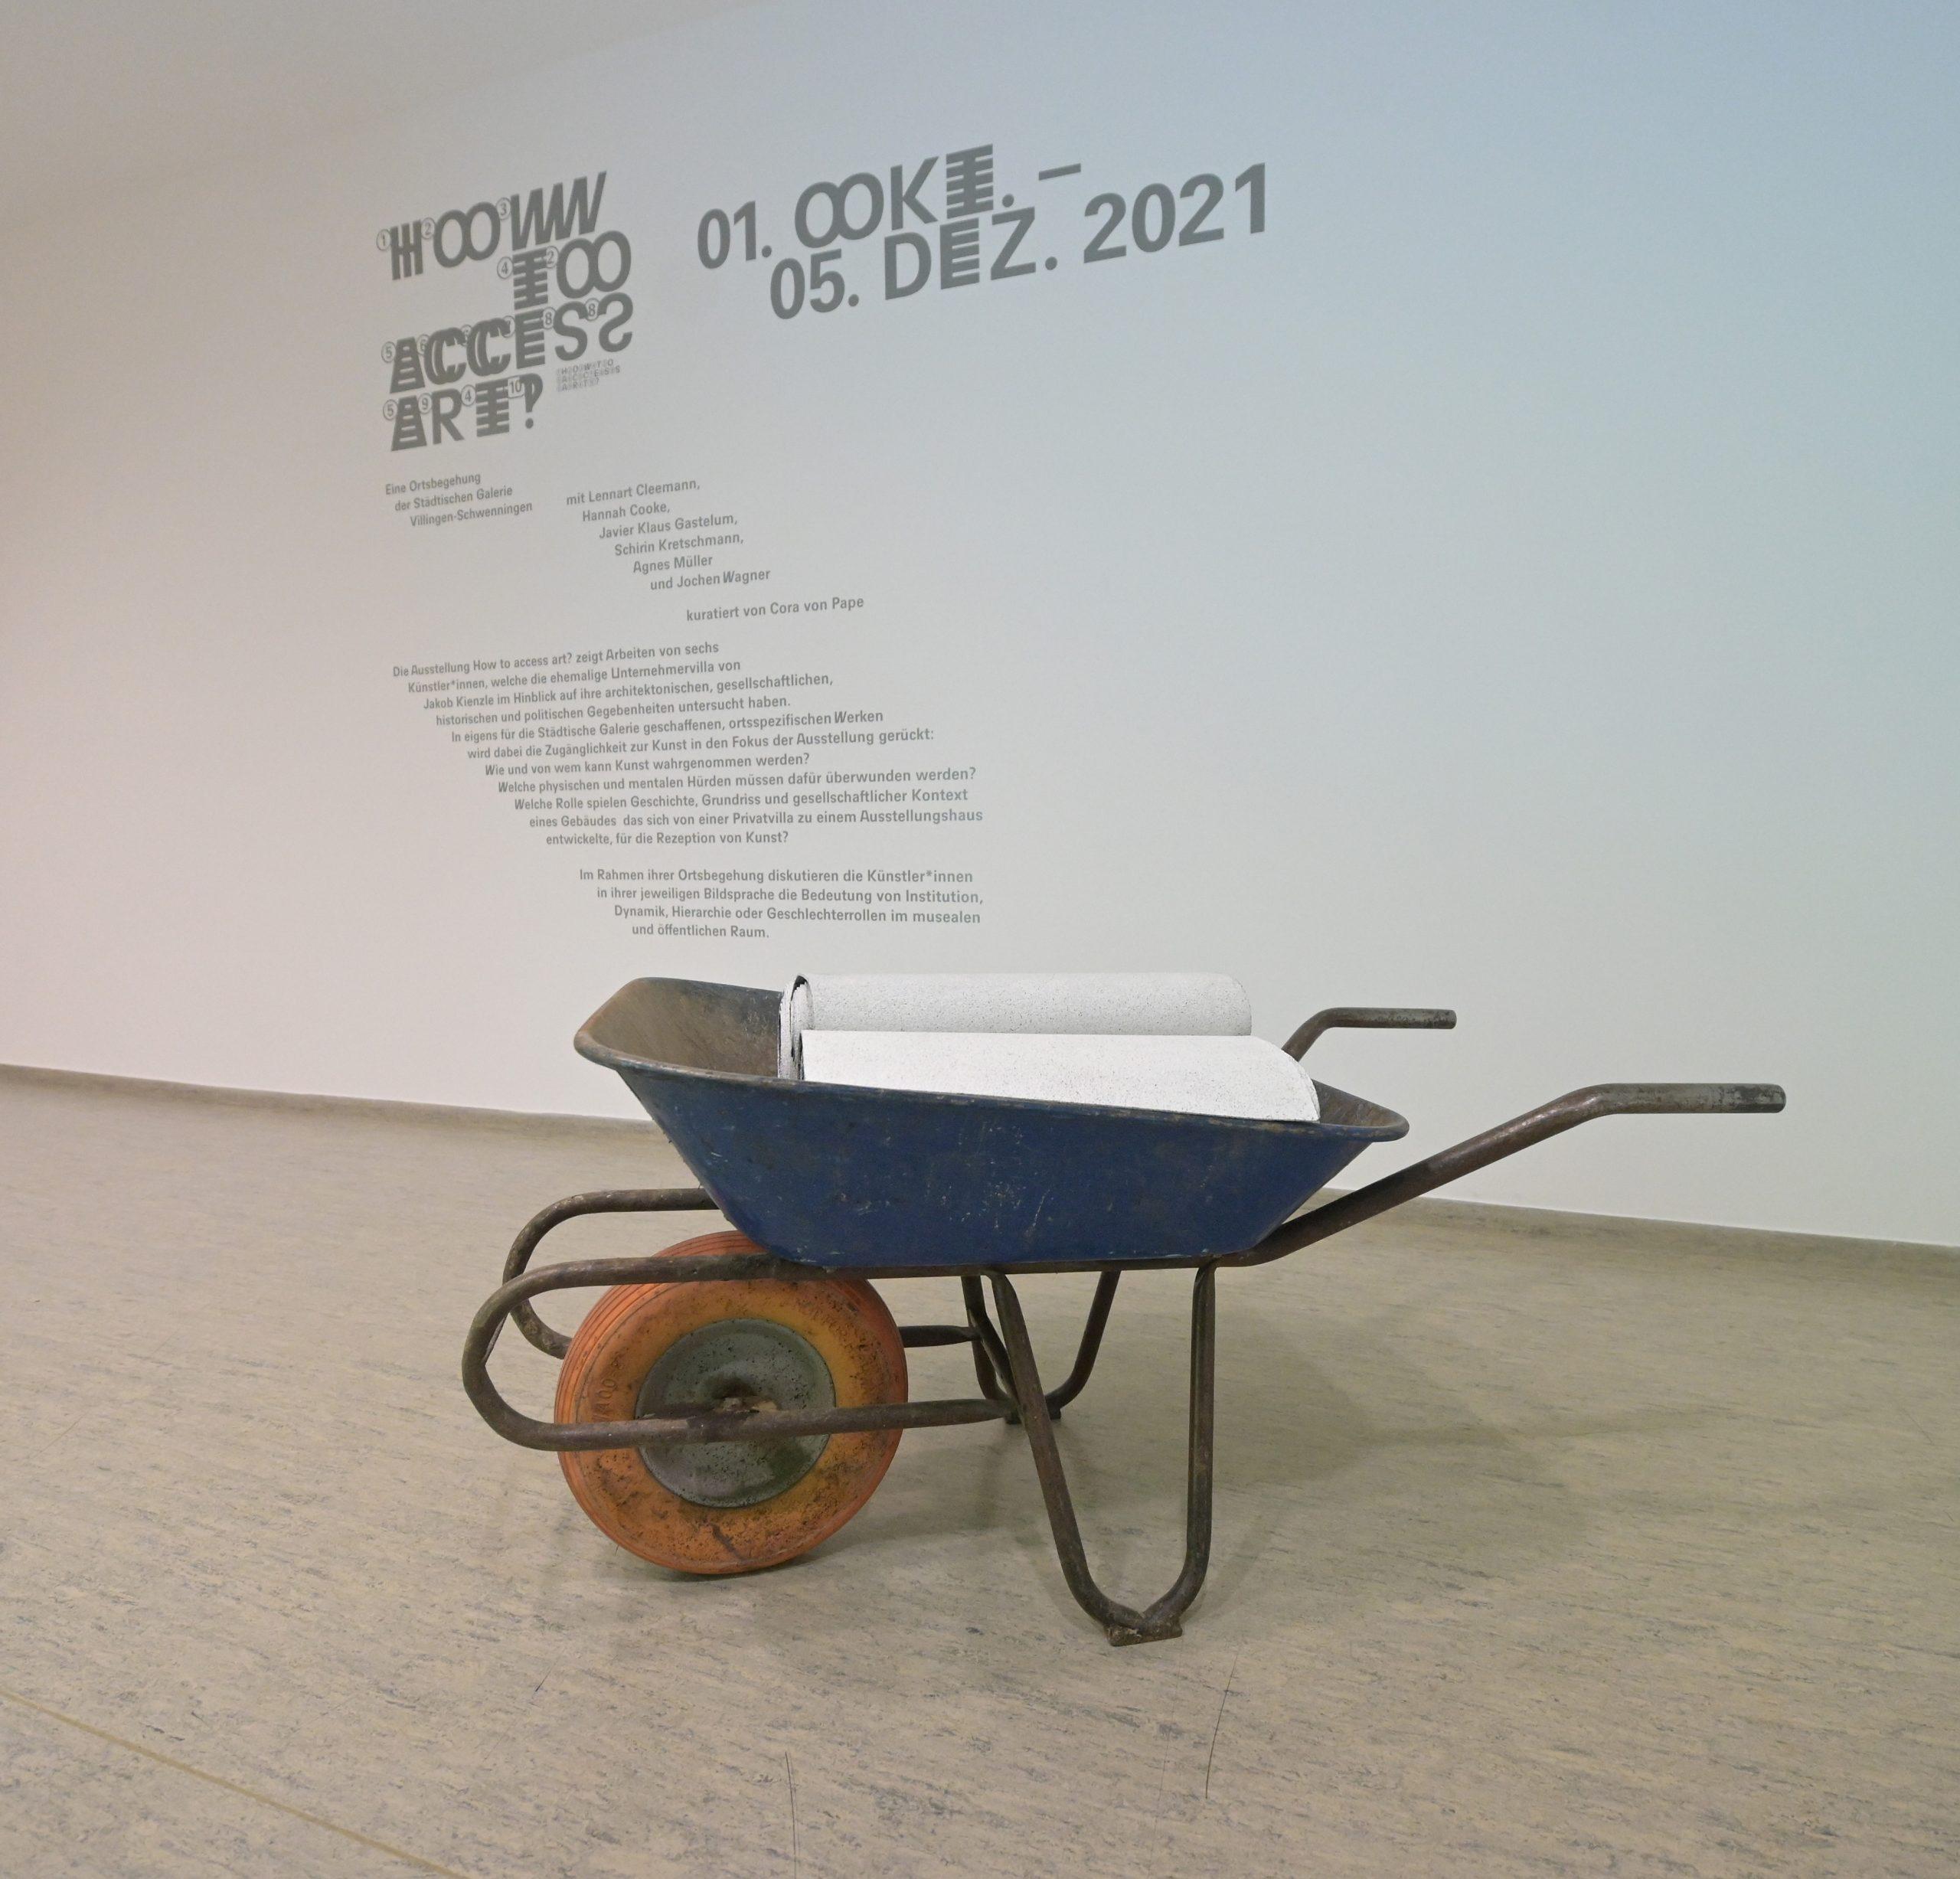 Agnes Müller, Querung, 2021